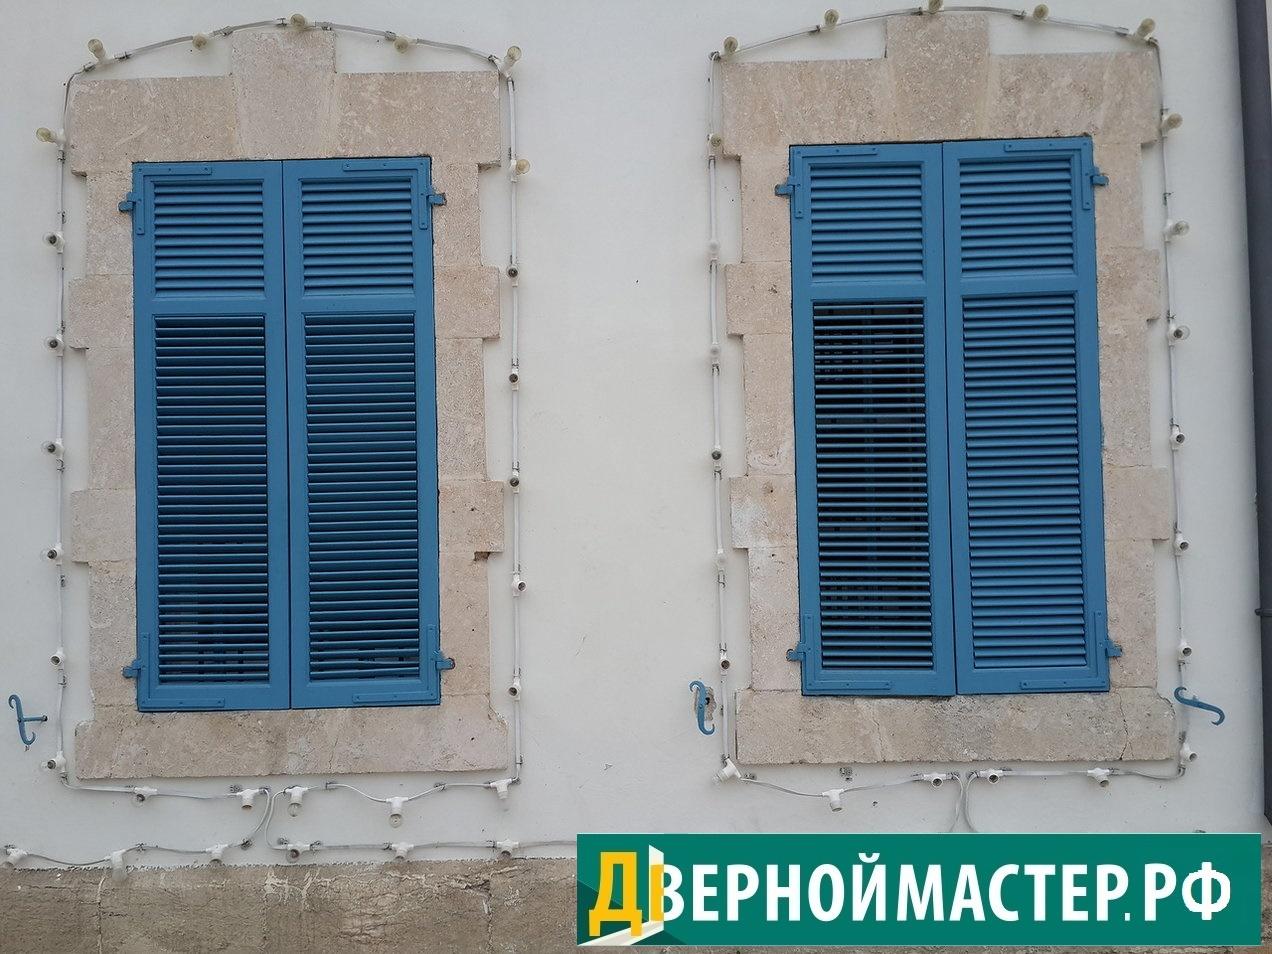 Ставни на окна металлические жалюзи отличного качества, оригинальное исполнение